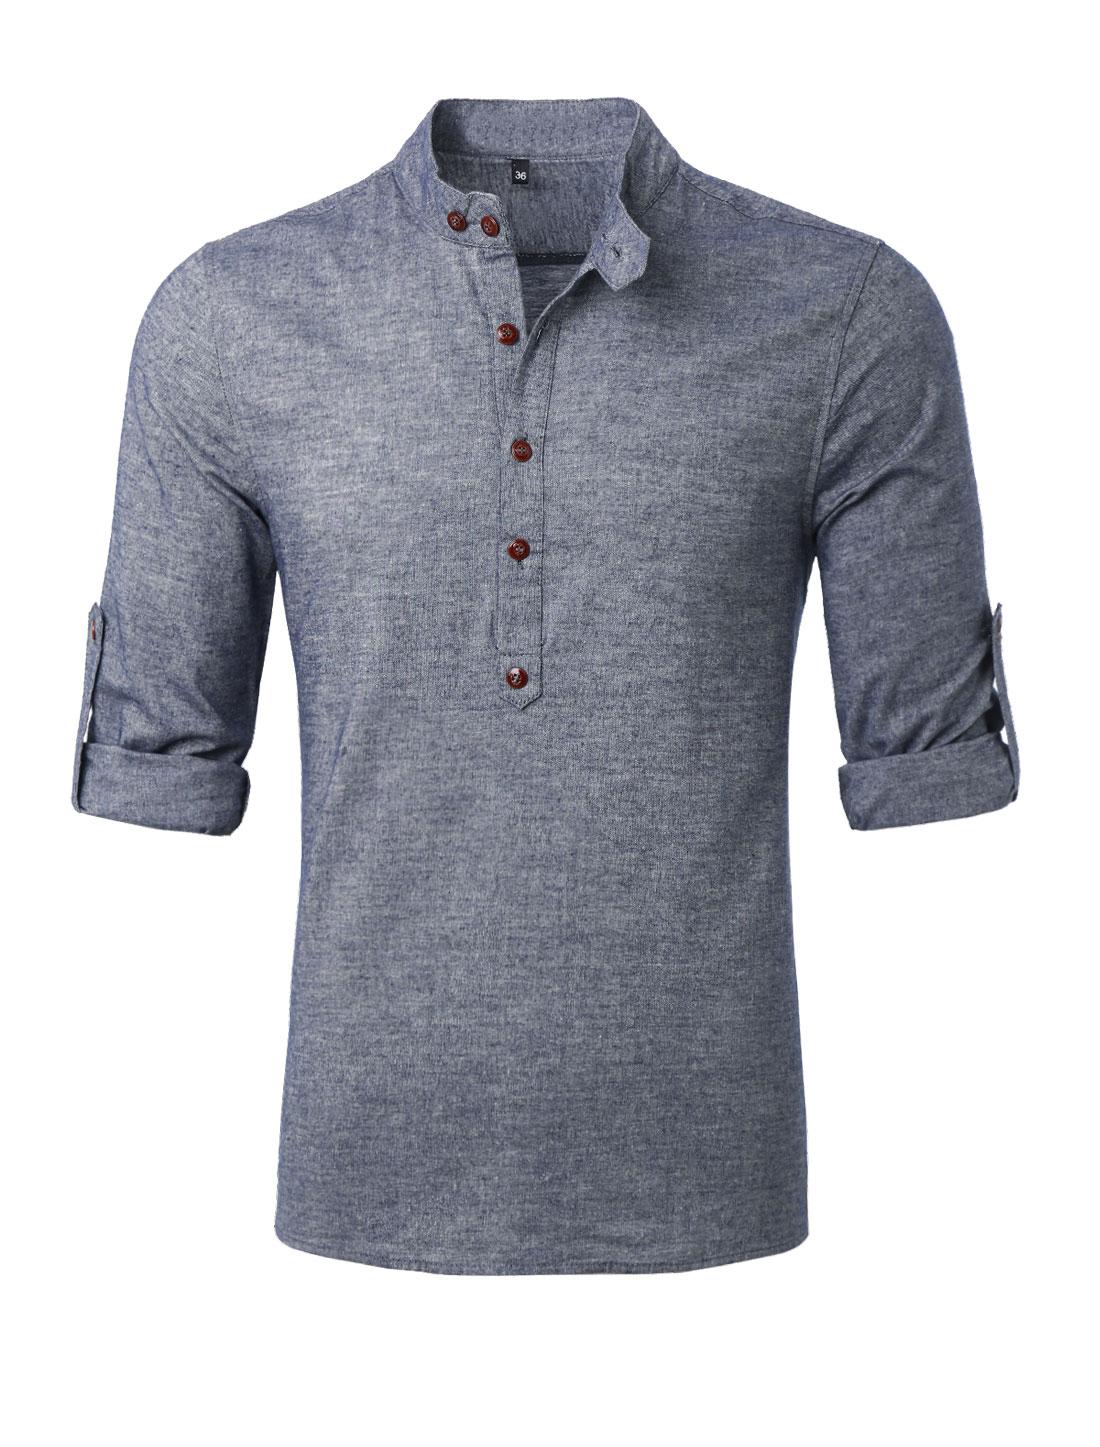 Men Button Upper Long Sleeves Slipover Leisure Henley Shirt Light Cool Gray L